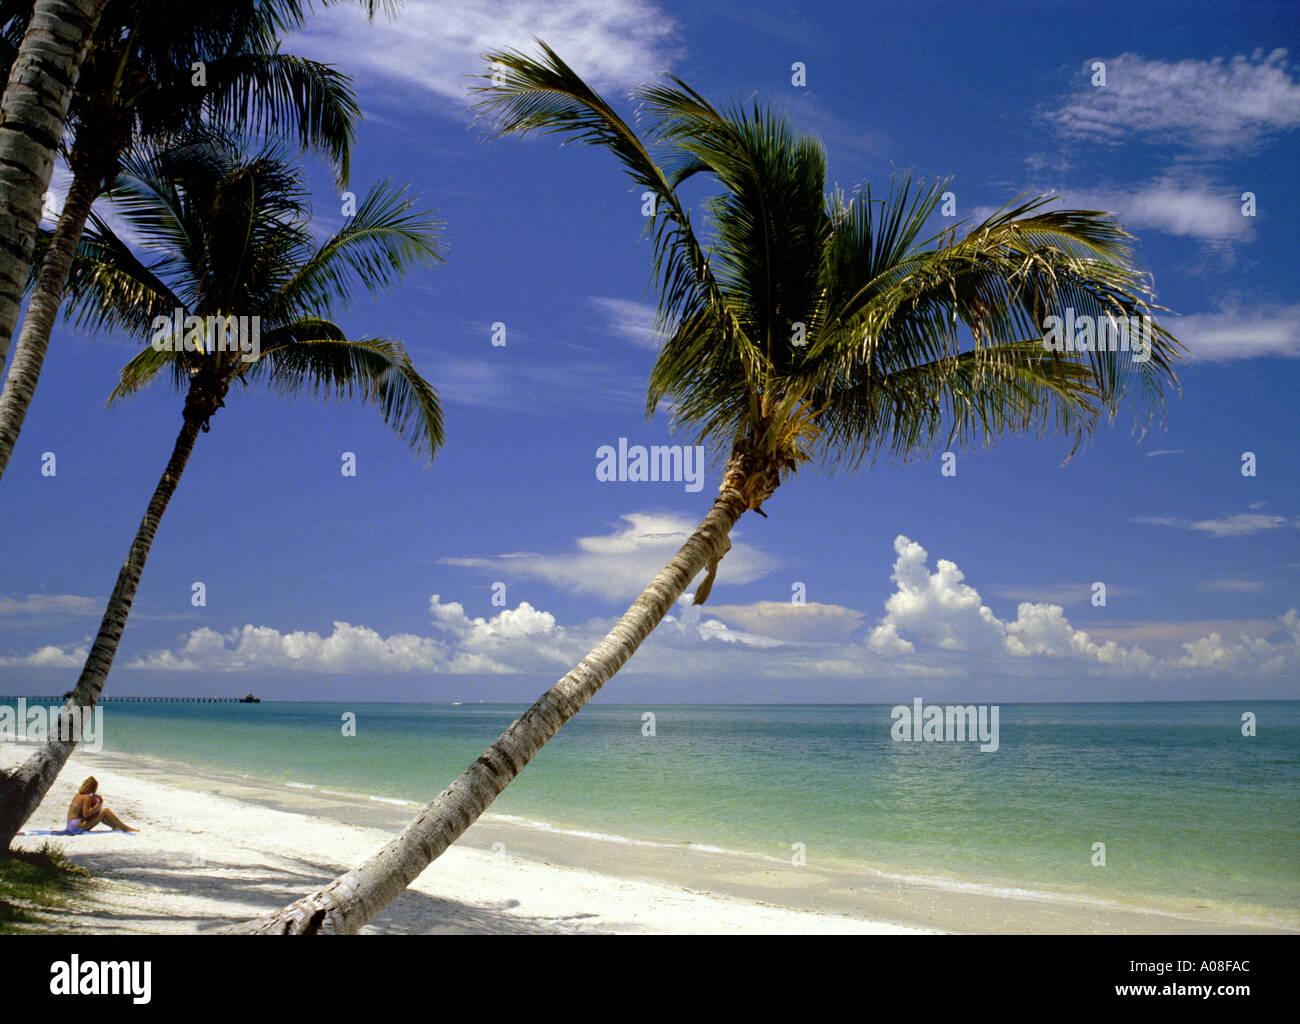 Gulf Coast Beach Ft Myers Florida USA - Stock Image